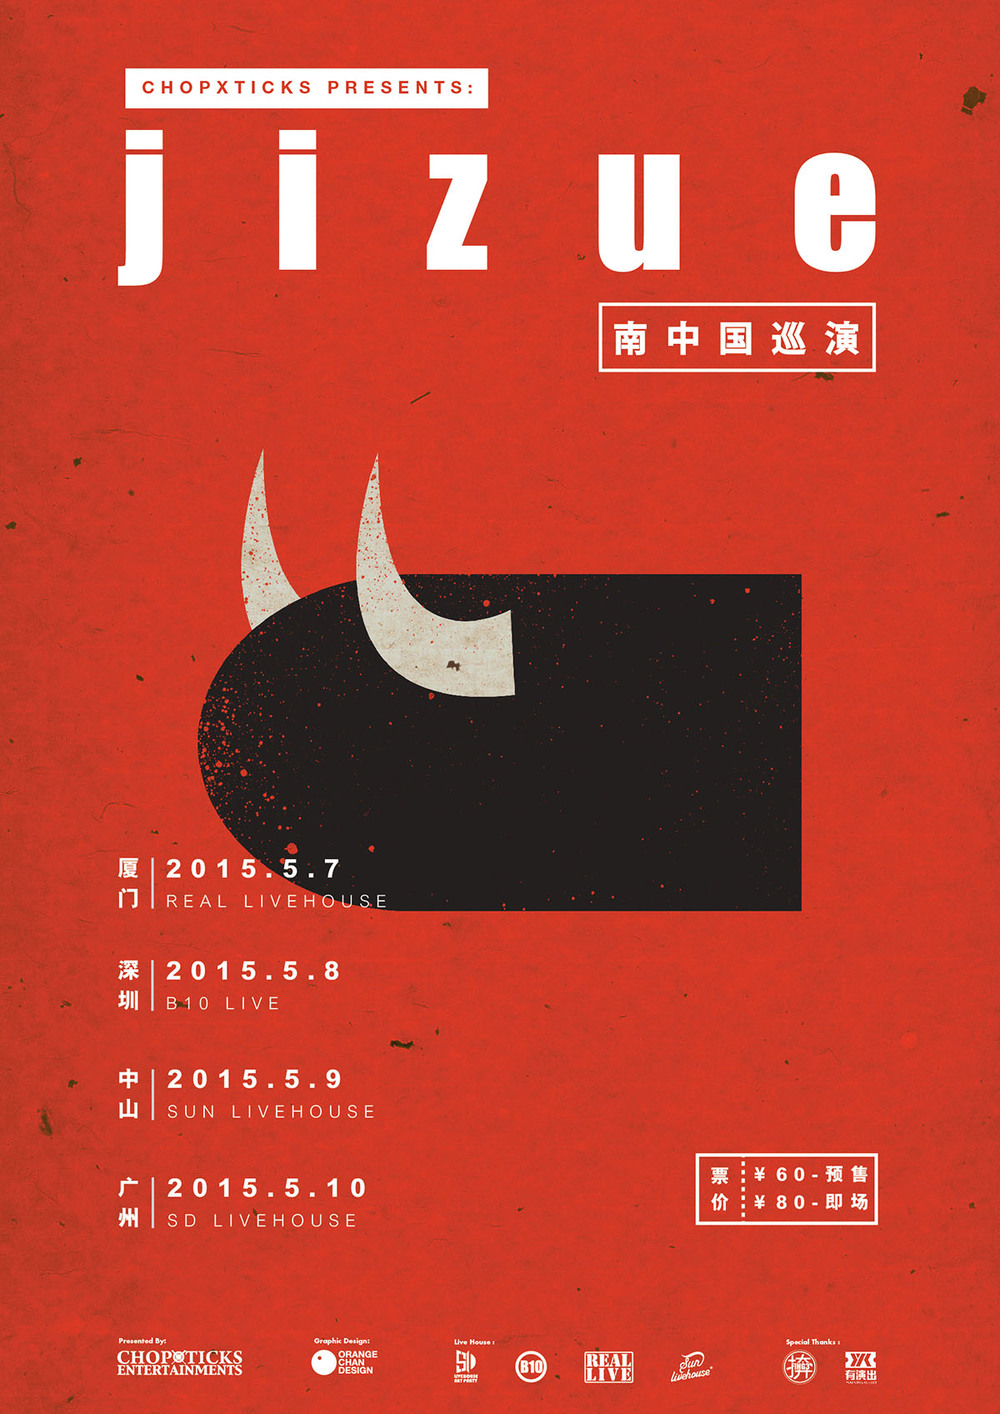 jizue_china2015_small.jpg